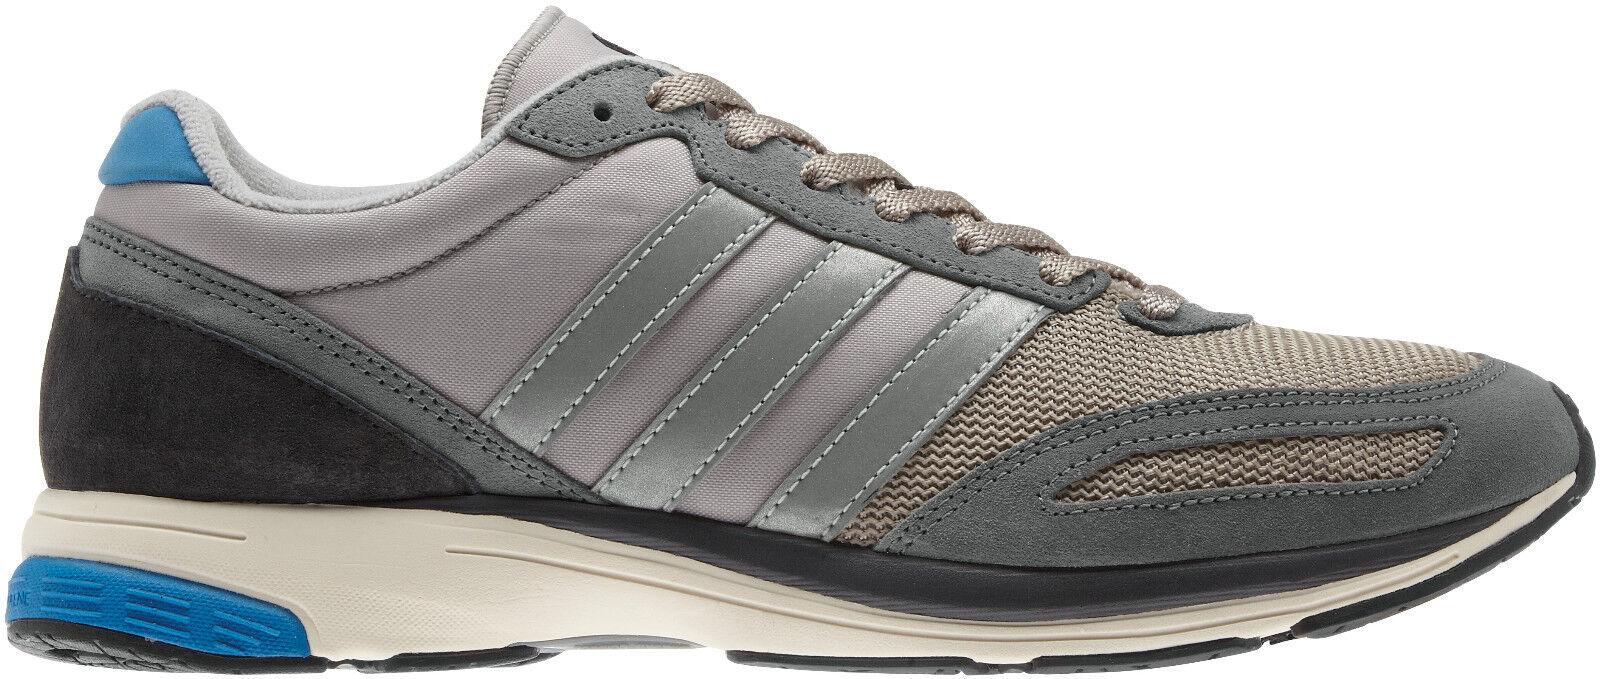 Herren Neue Adidas adiZero Adios 2 Trainer Turnschuhe Sportschuhe - Grau - RRP